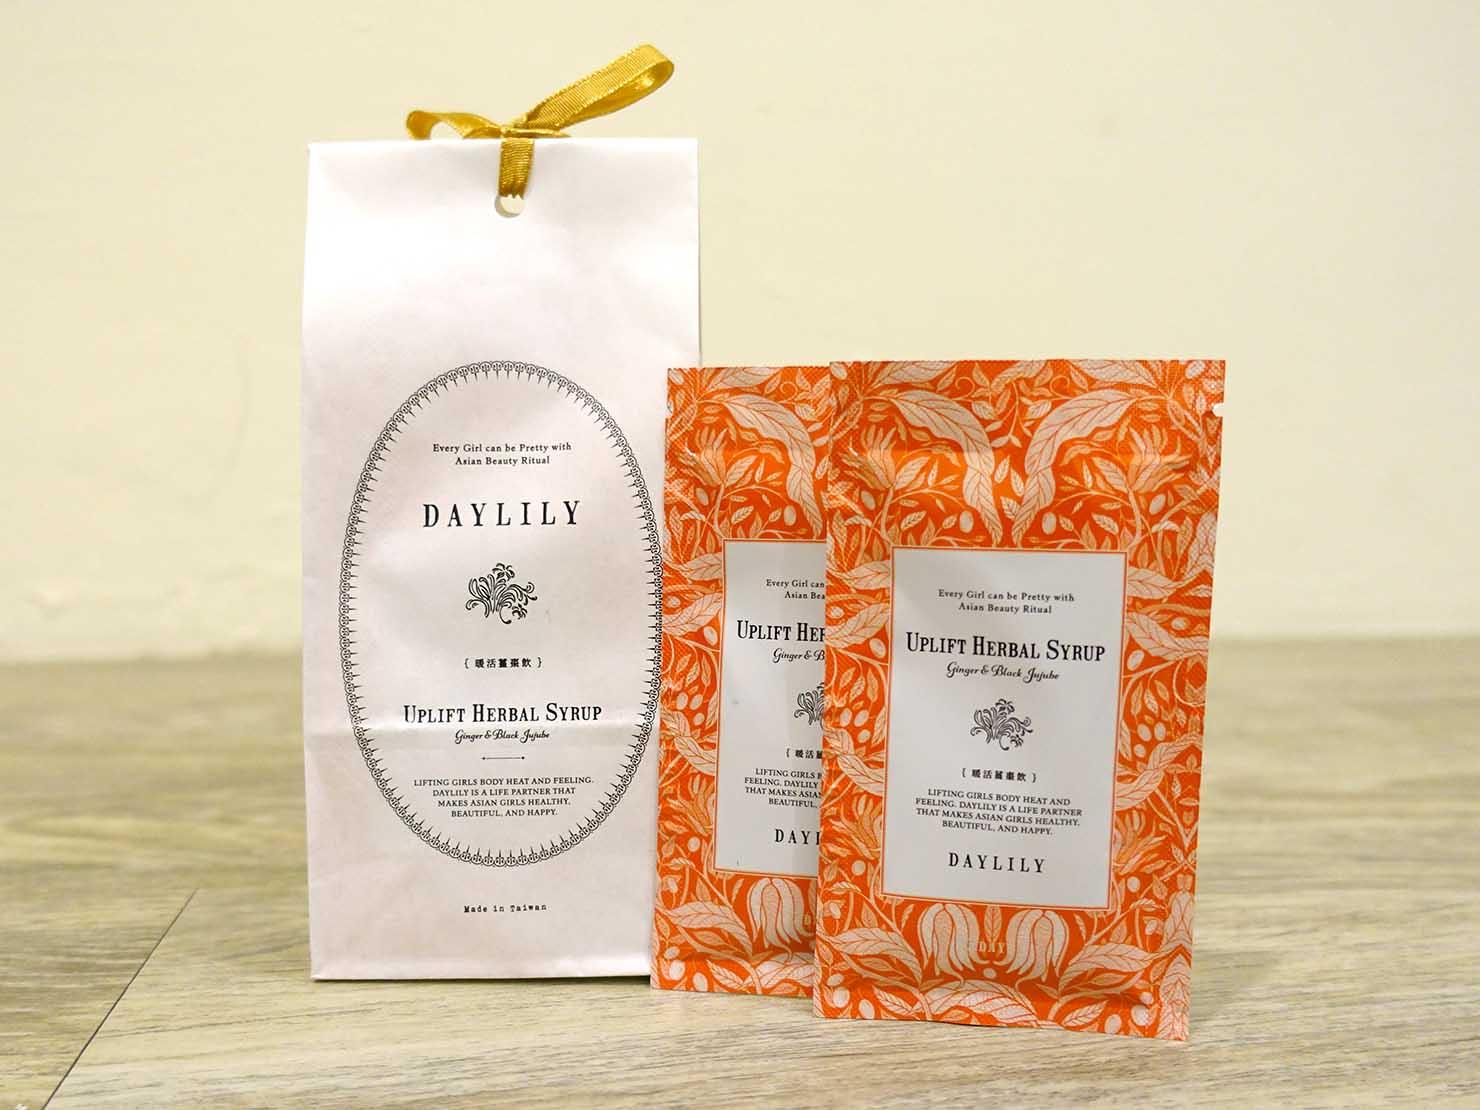 台北おみやげにおすすめの漢方ブランド・DAYLILY「暖活薑棗飲」パッケージ